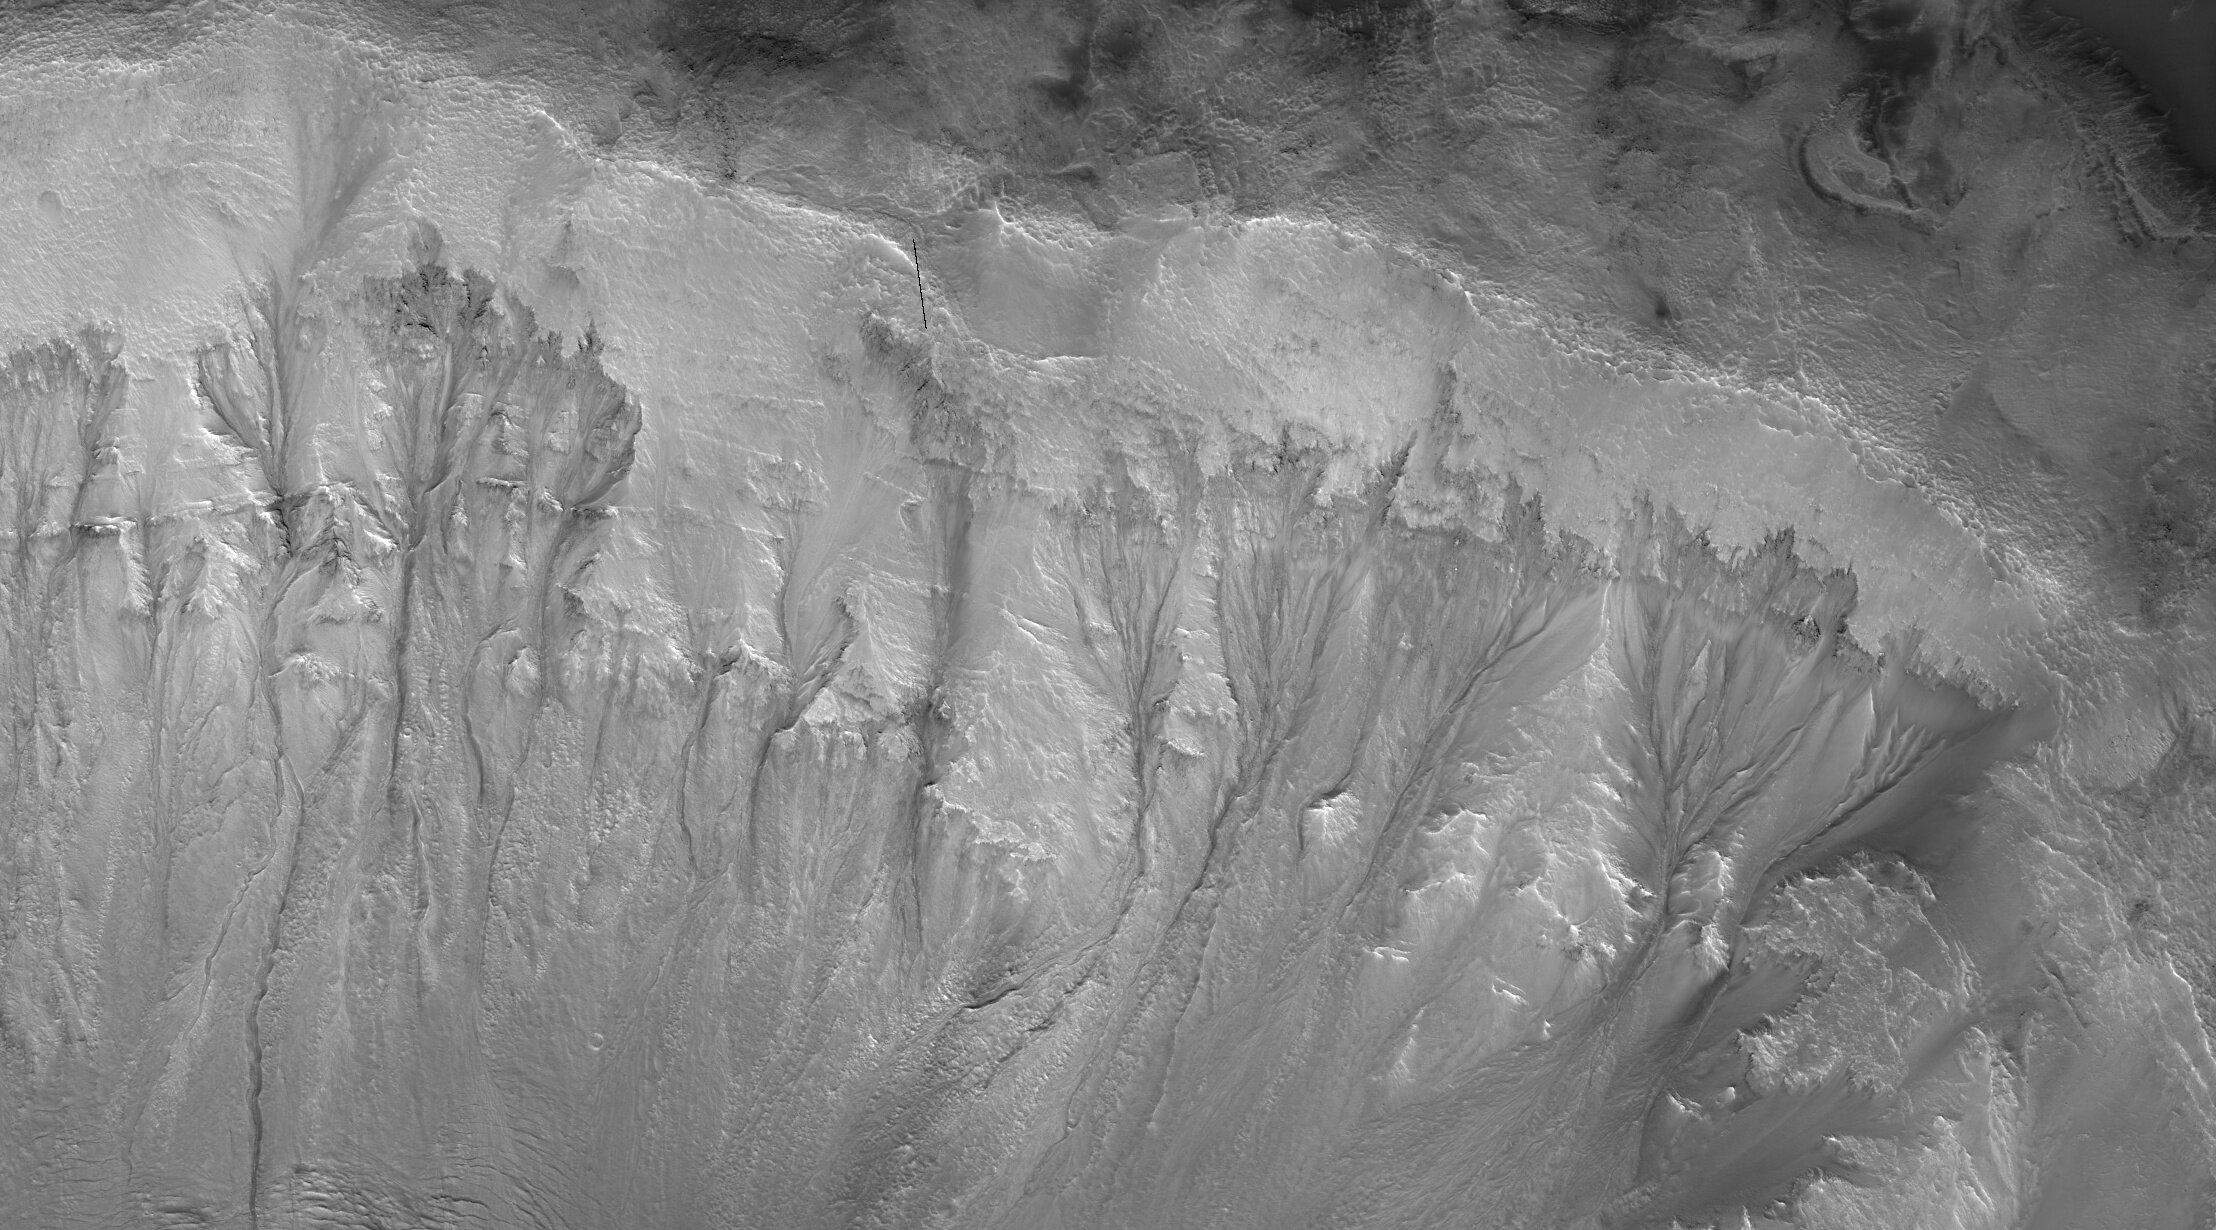 Происхождение повторяющихся линий на склонах (на фото) давно интересует астрономов.